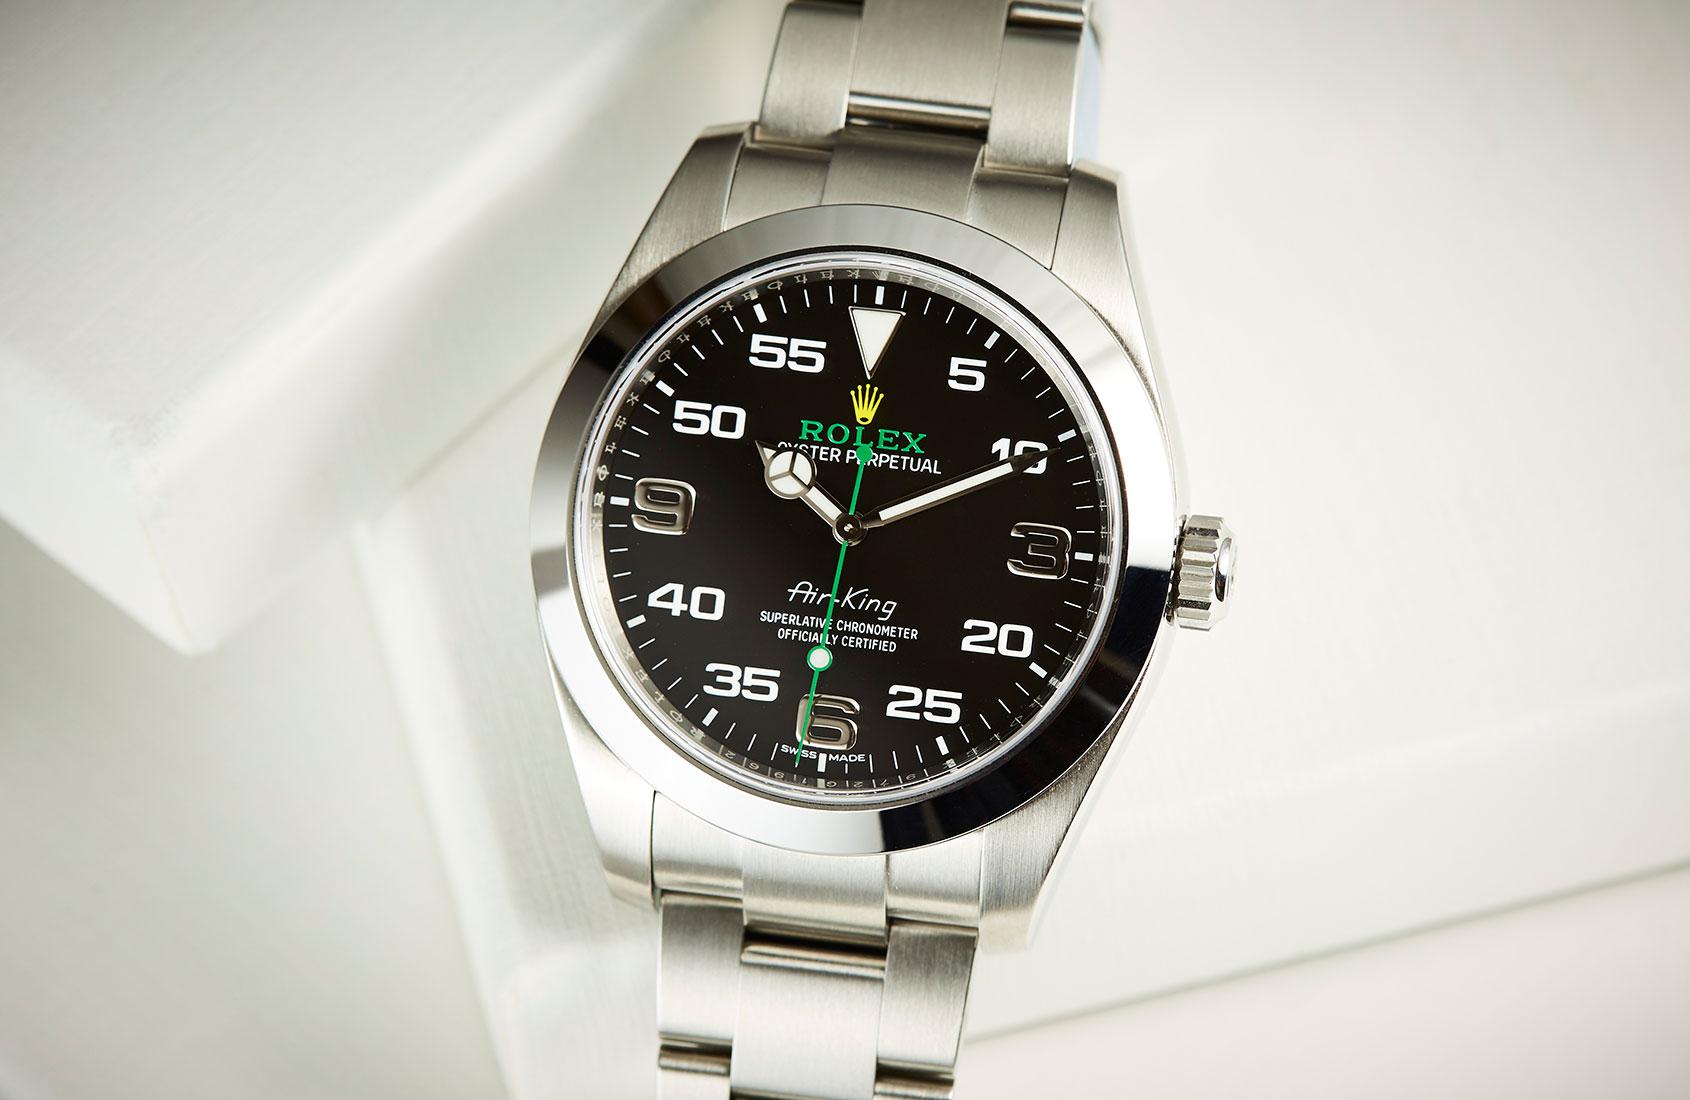 The fresh-faced Rolex Air-King ref. 116900